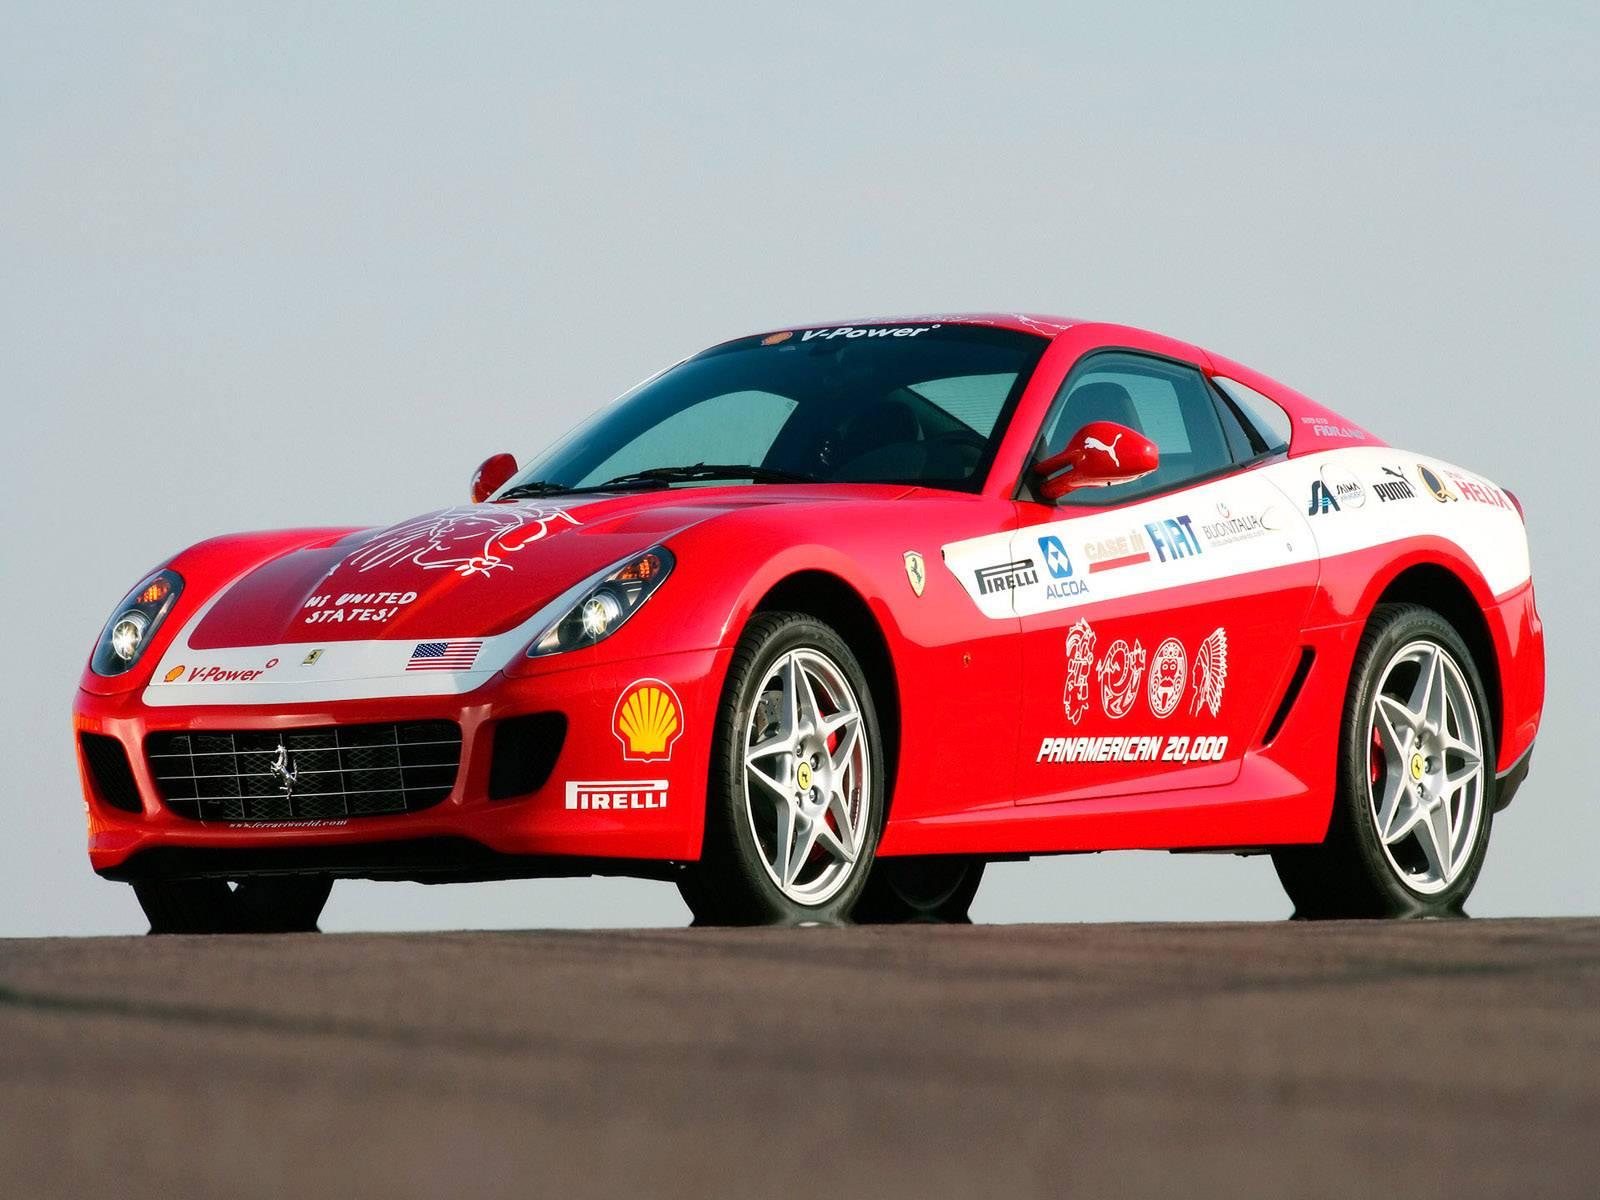 Ferrari-006